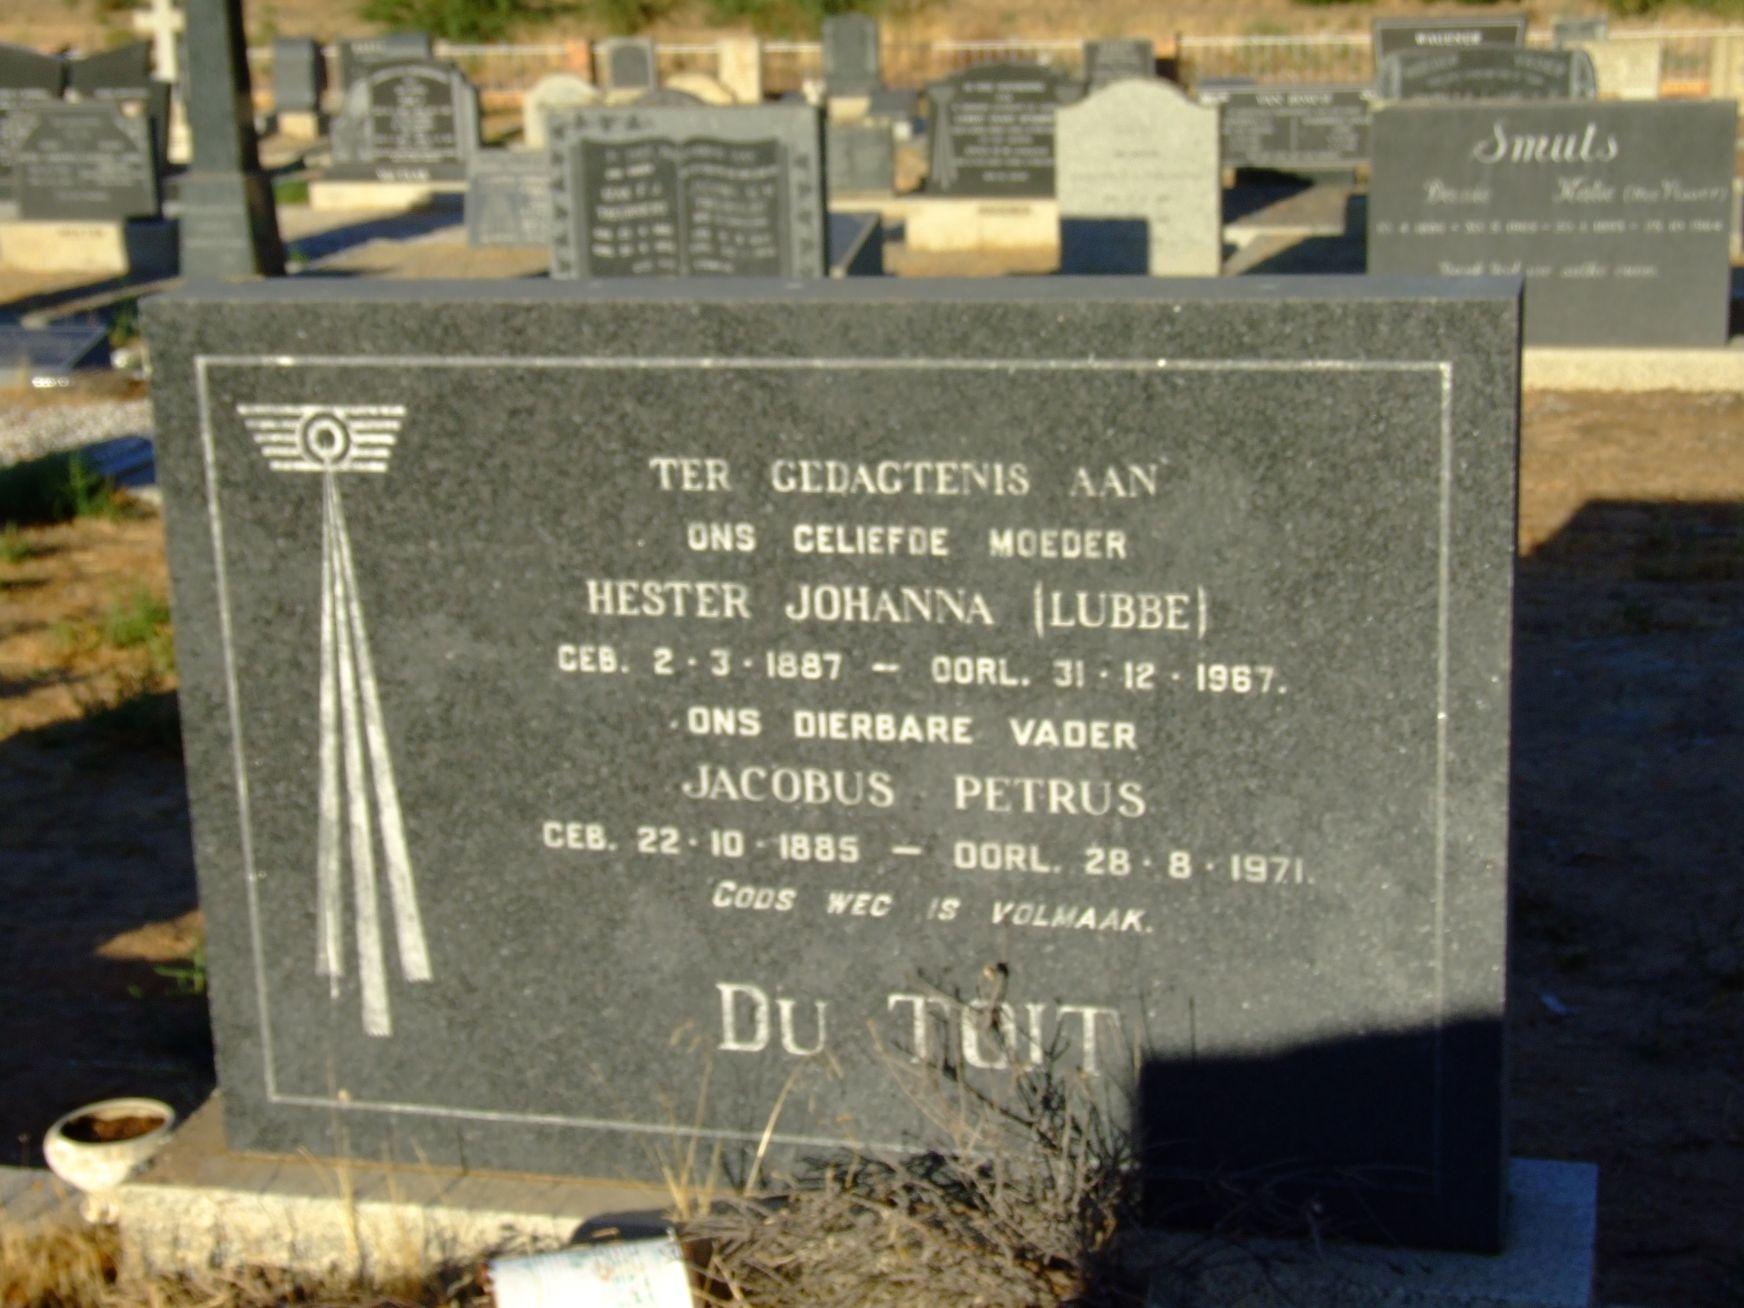 Du Toit, Jacobus Petrus & Hester Johanna(Lubbe)